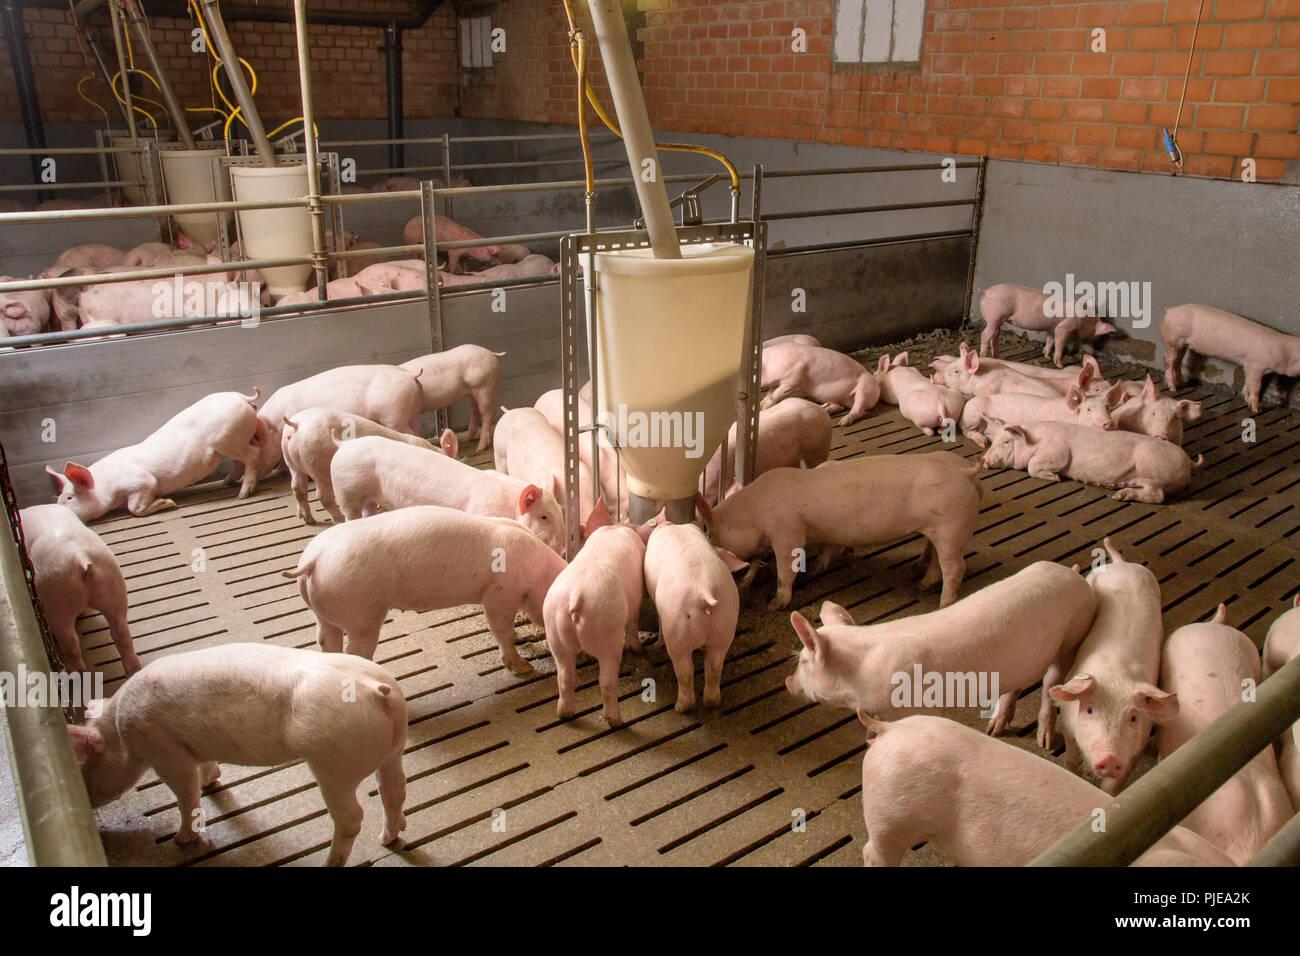 Schweinemast - AGRARMOTIVE Bilder aus der Landwirtschaft - Stock Image